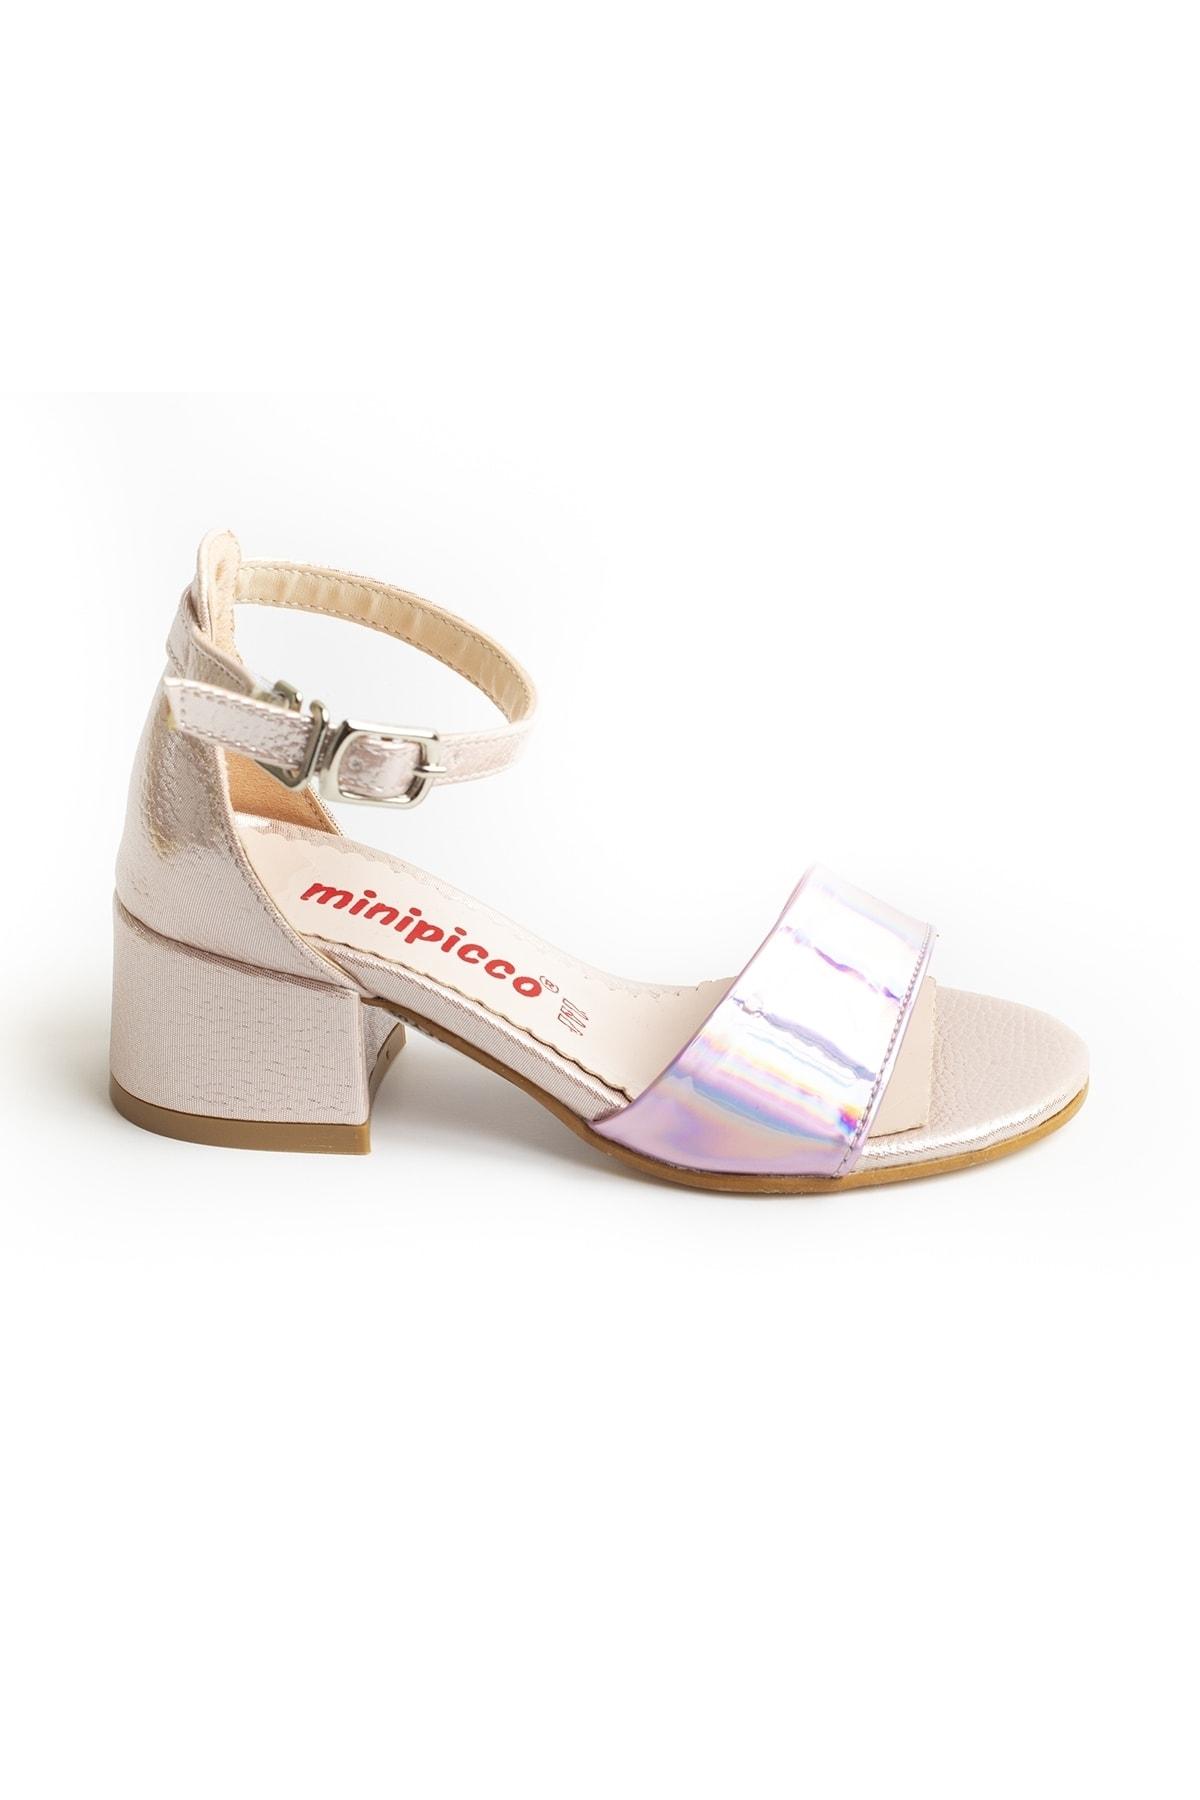 Kız Çocuk Pembe Özel Tasarım Abiye Ayakkabı